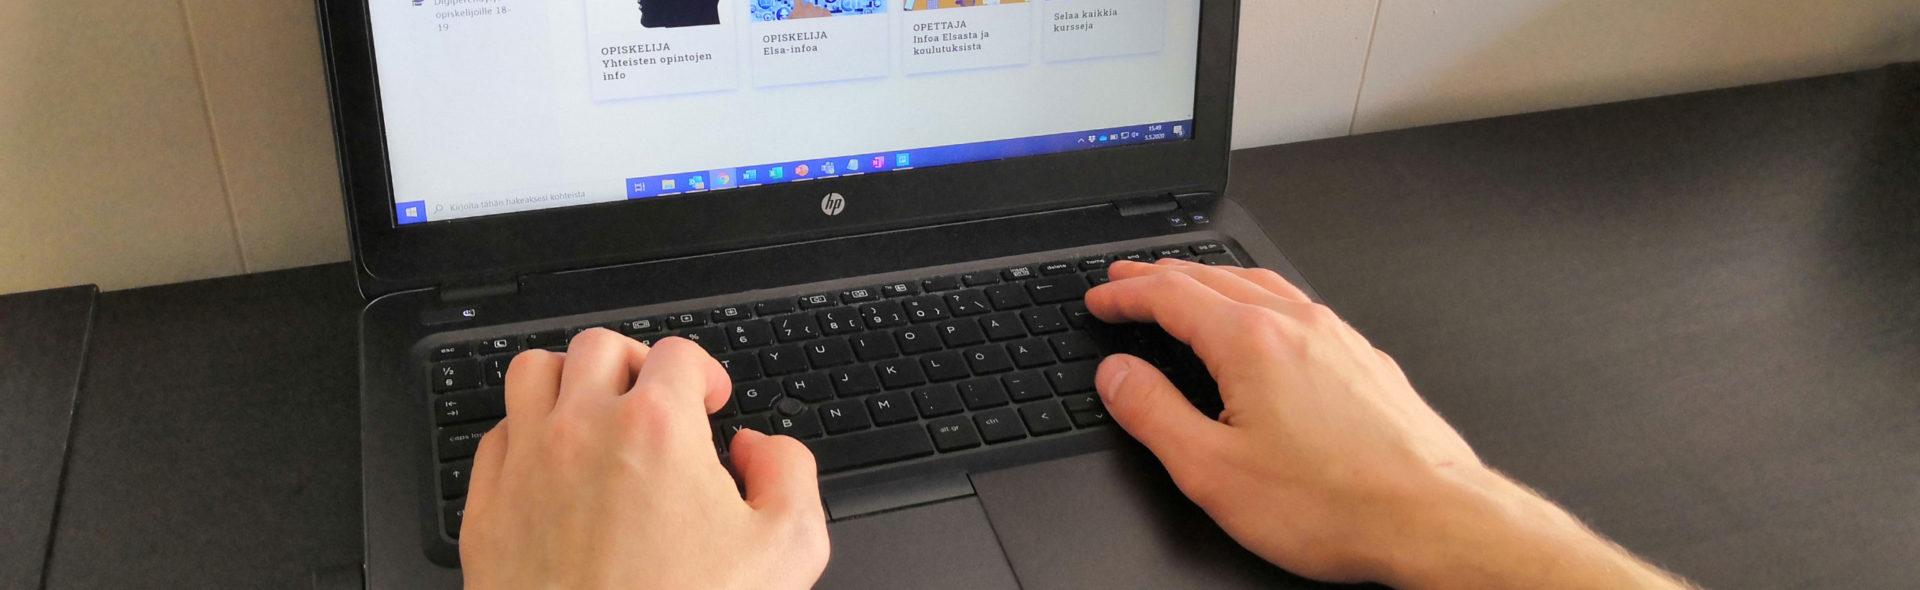 Kädet ovat tietokoneen näppäimistöllä.